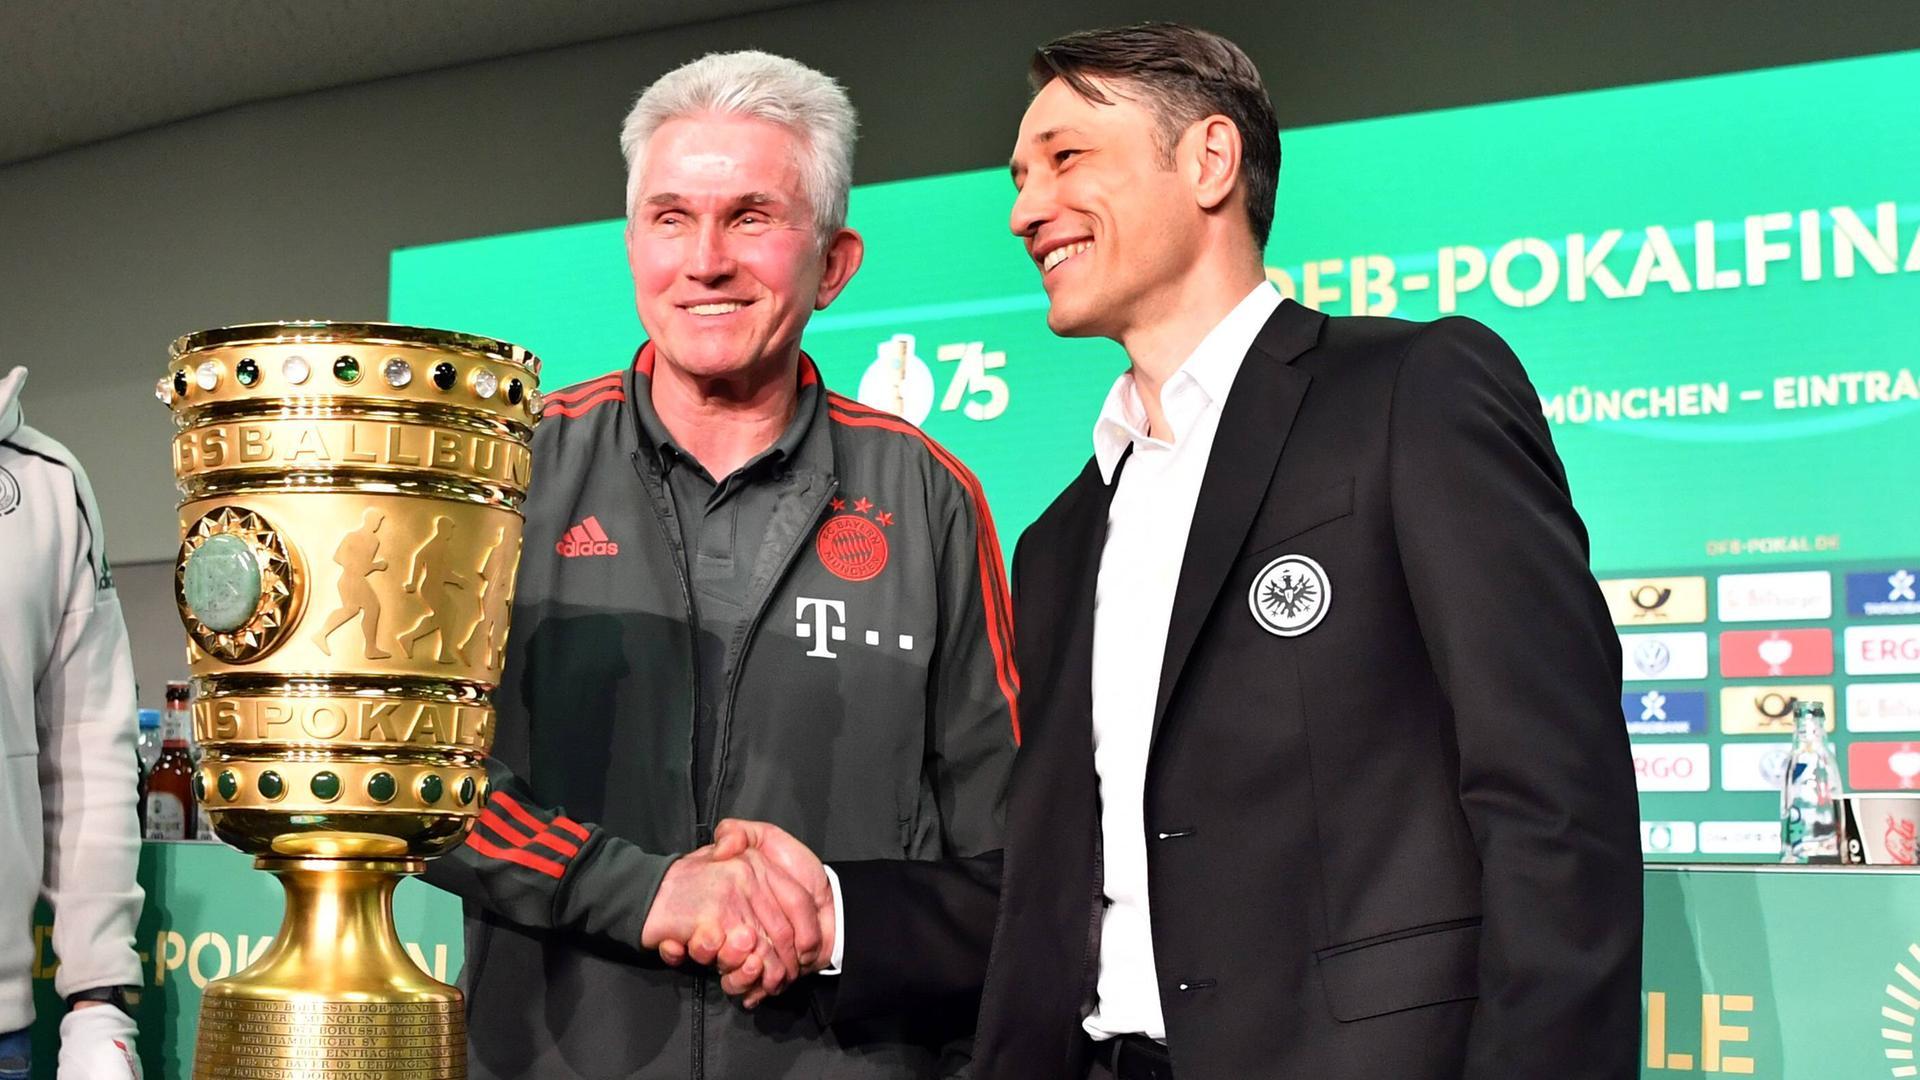 Dfb Pokalfinale Gegenwart Gegen Zukunft Zdfmediathek